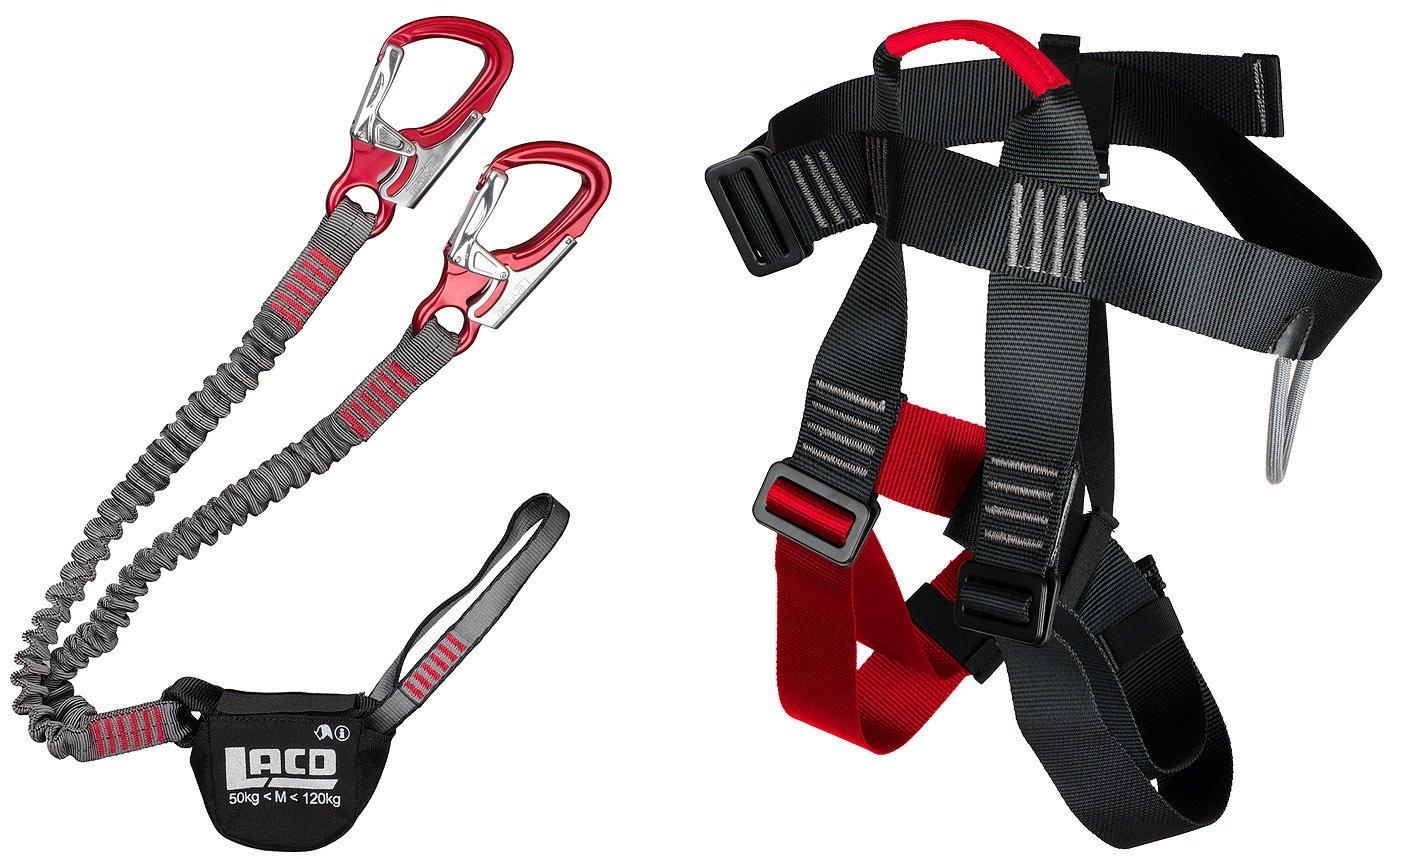 Klettersteigset Unterschiedlich Lang : Klettersteigset lacd pro evo red klettersteiggurt easy